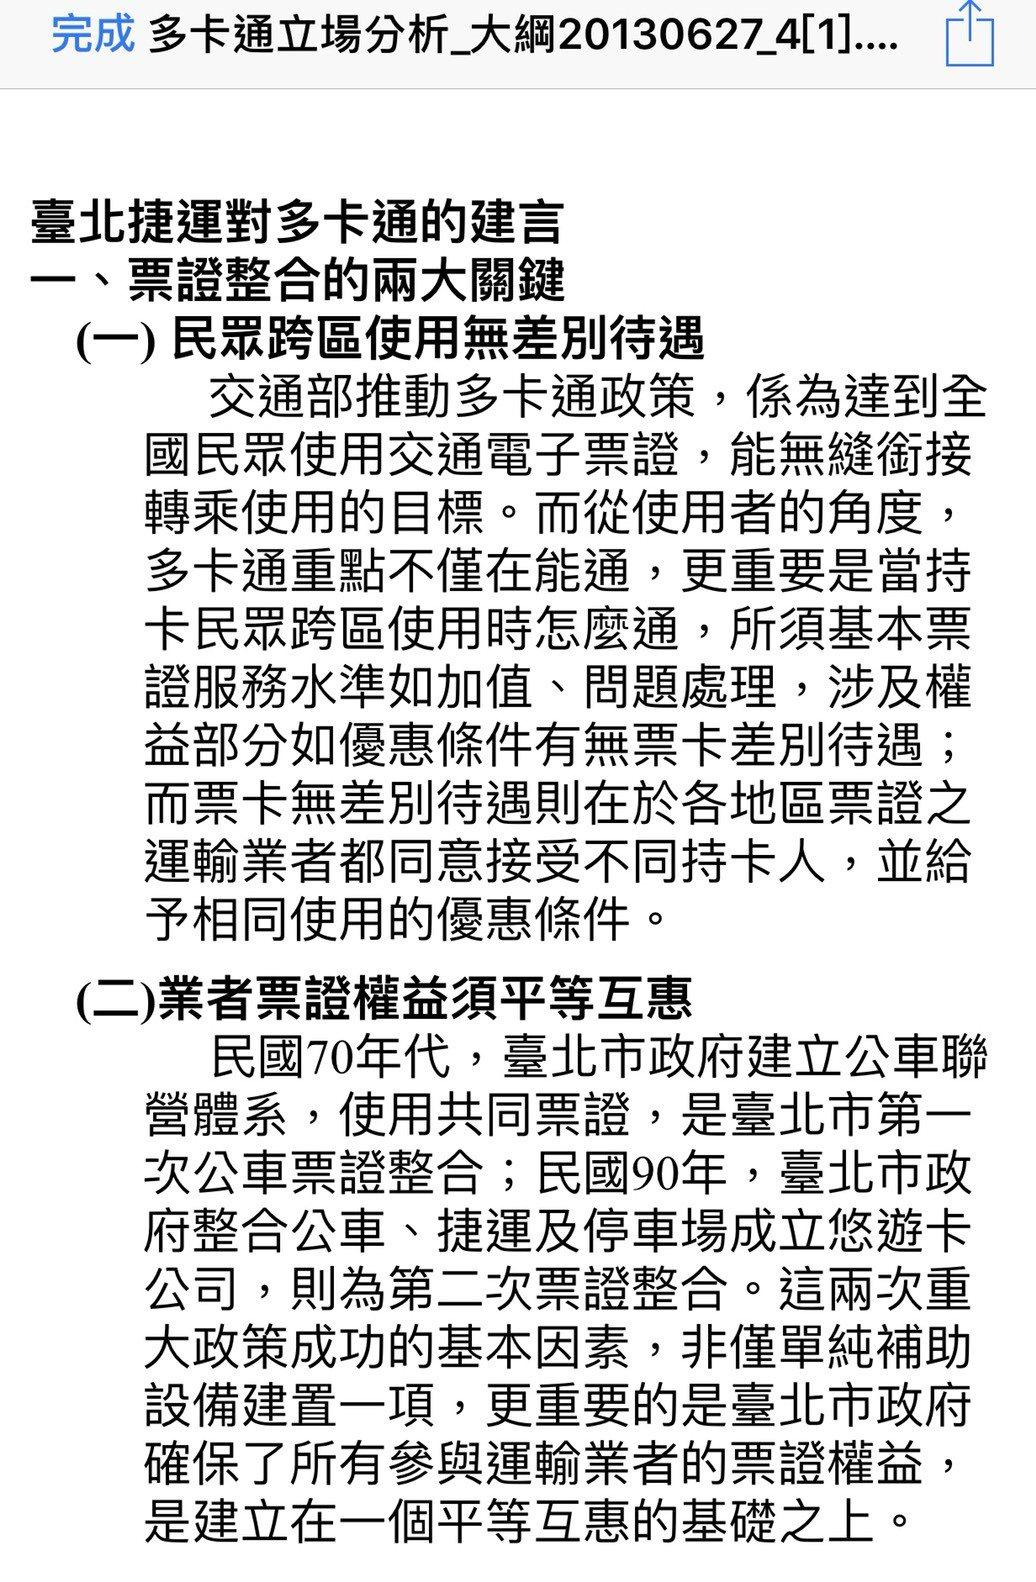 悠遊卡與高捷公司的爭議越演越烈,台北市長柯文哲揚言讓一卡通在北捷不能使用。前台北...